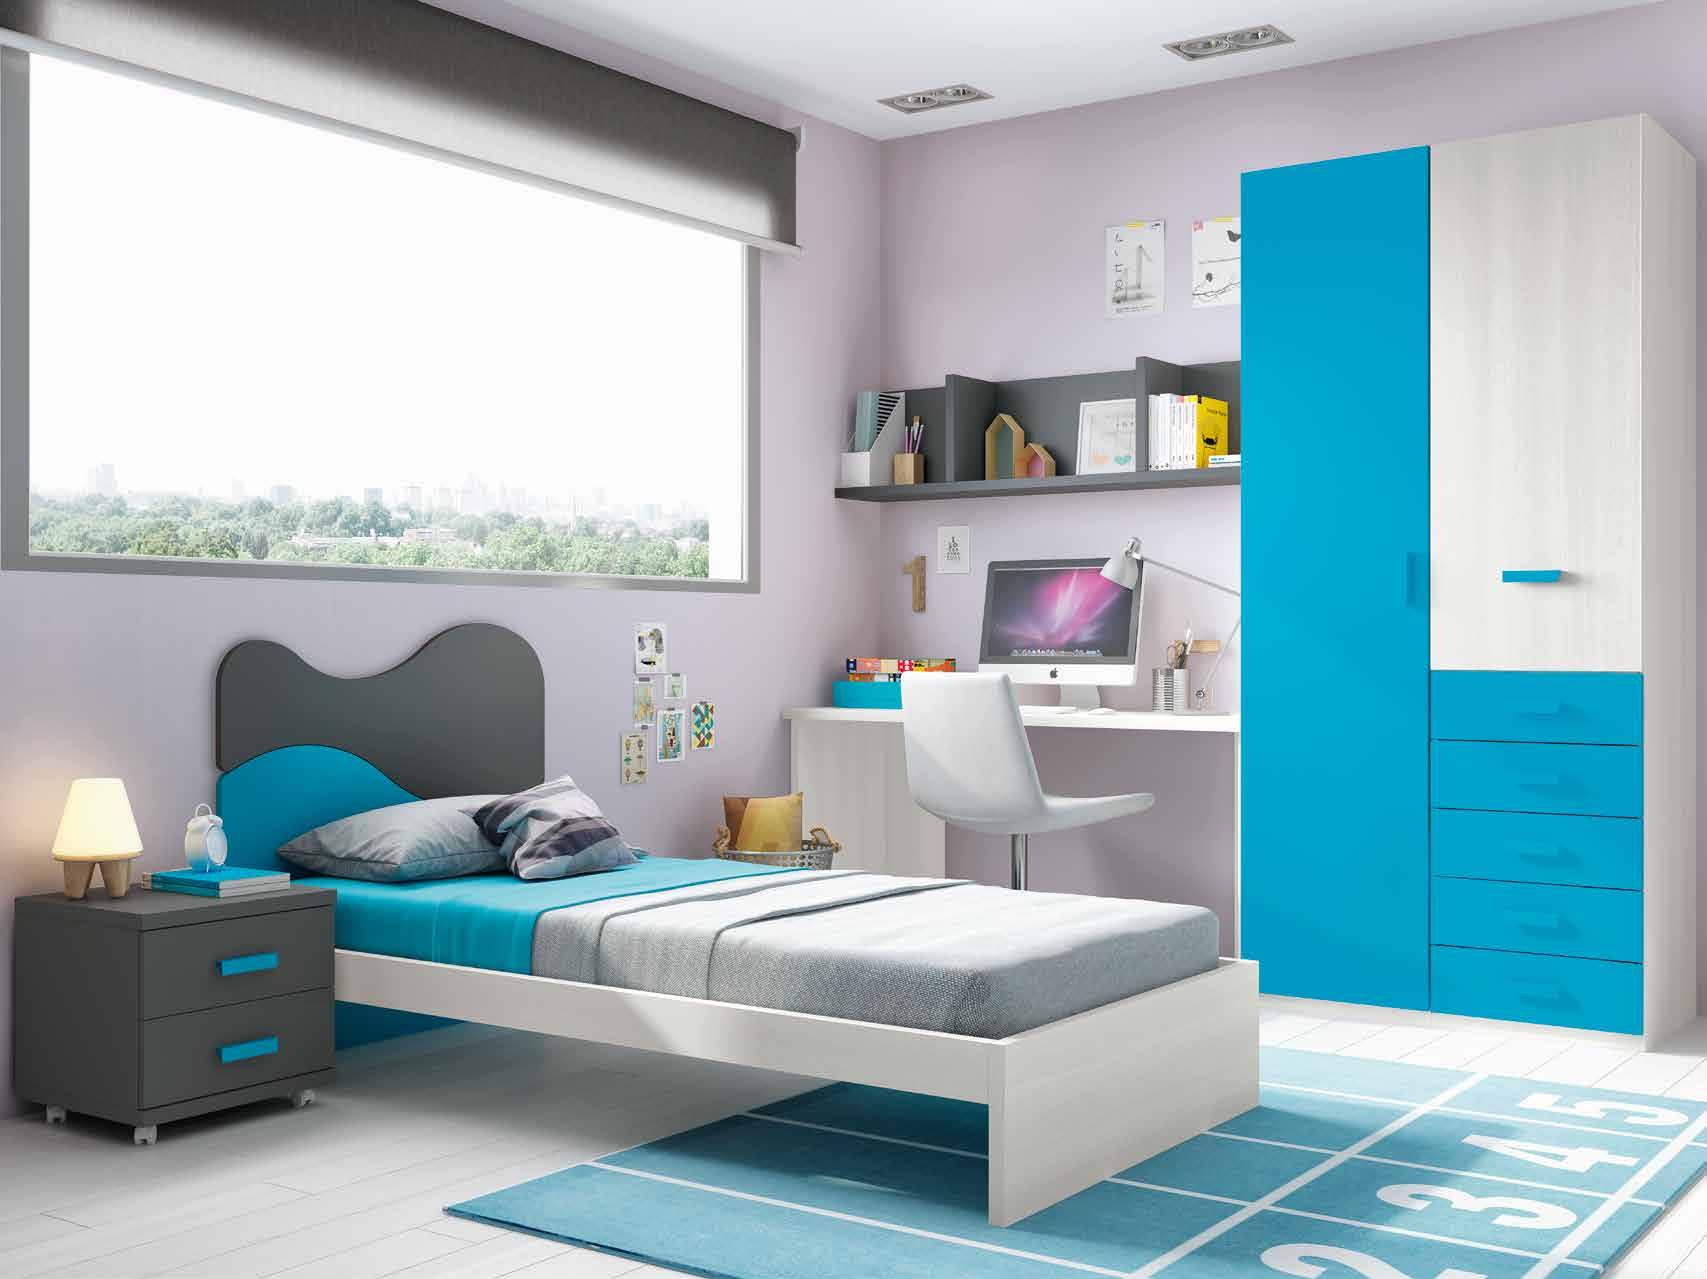 279-dormitorios-ba-40